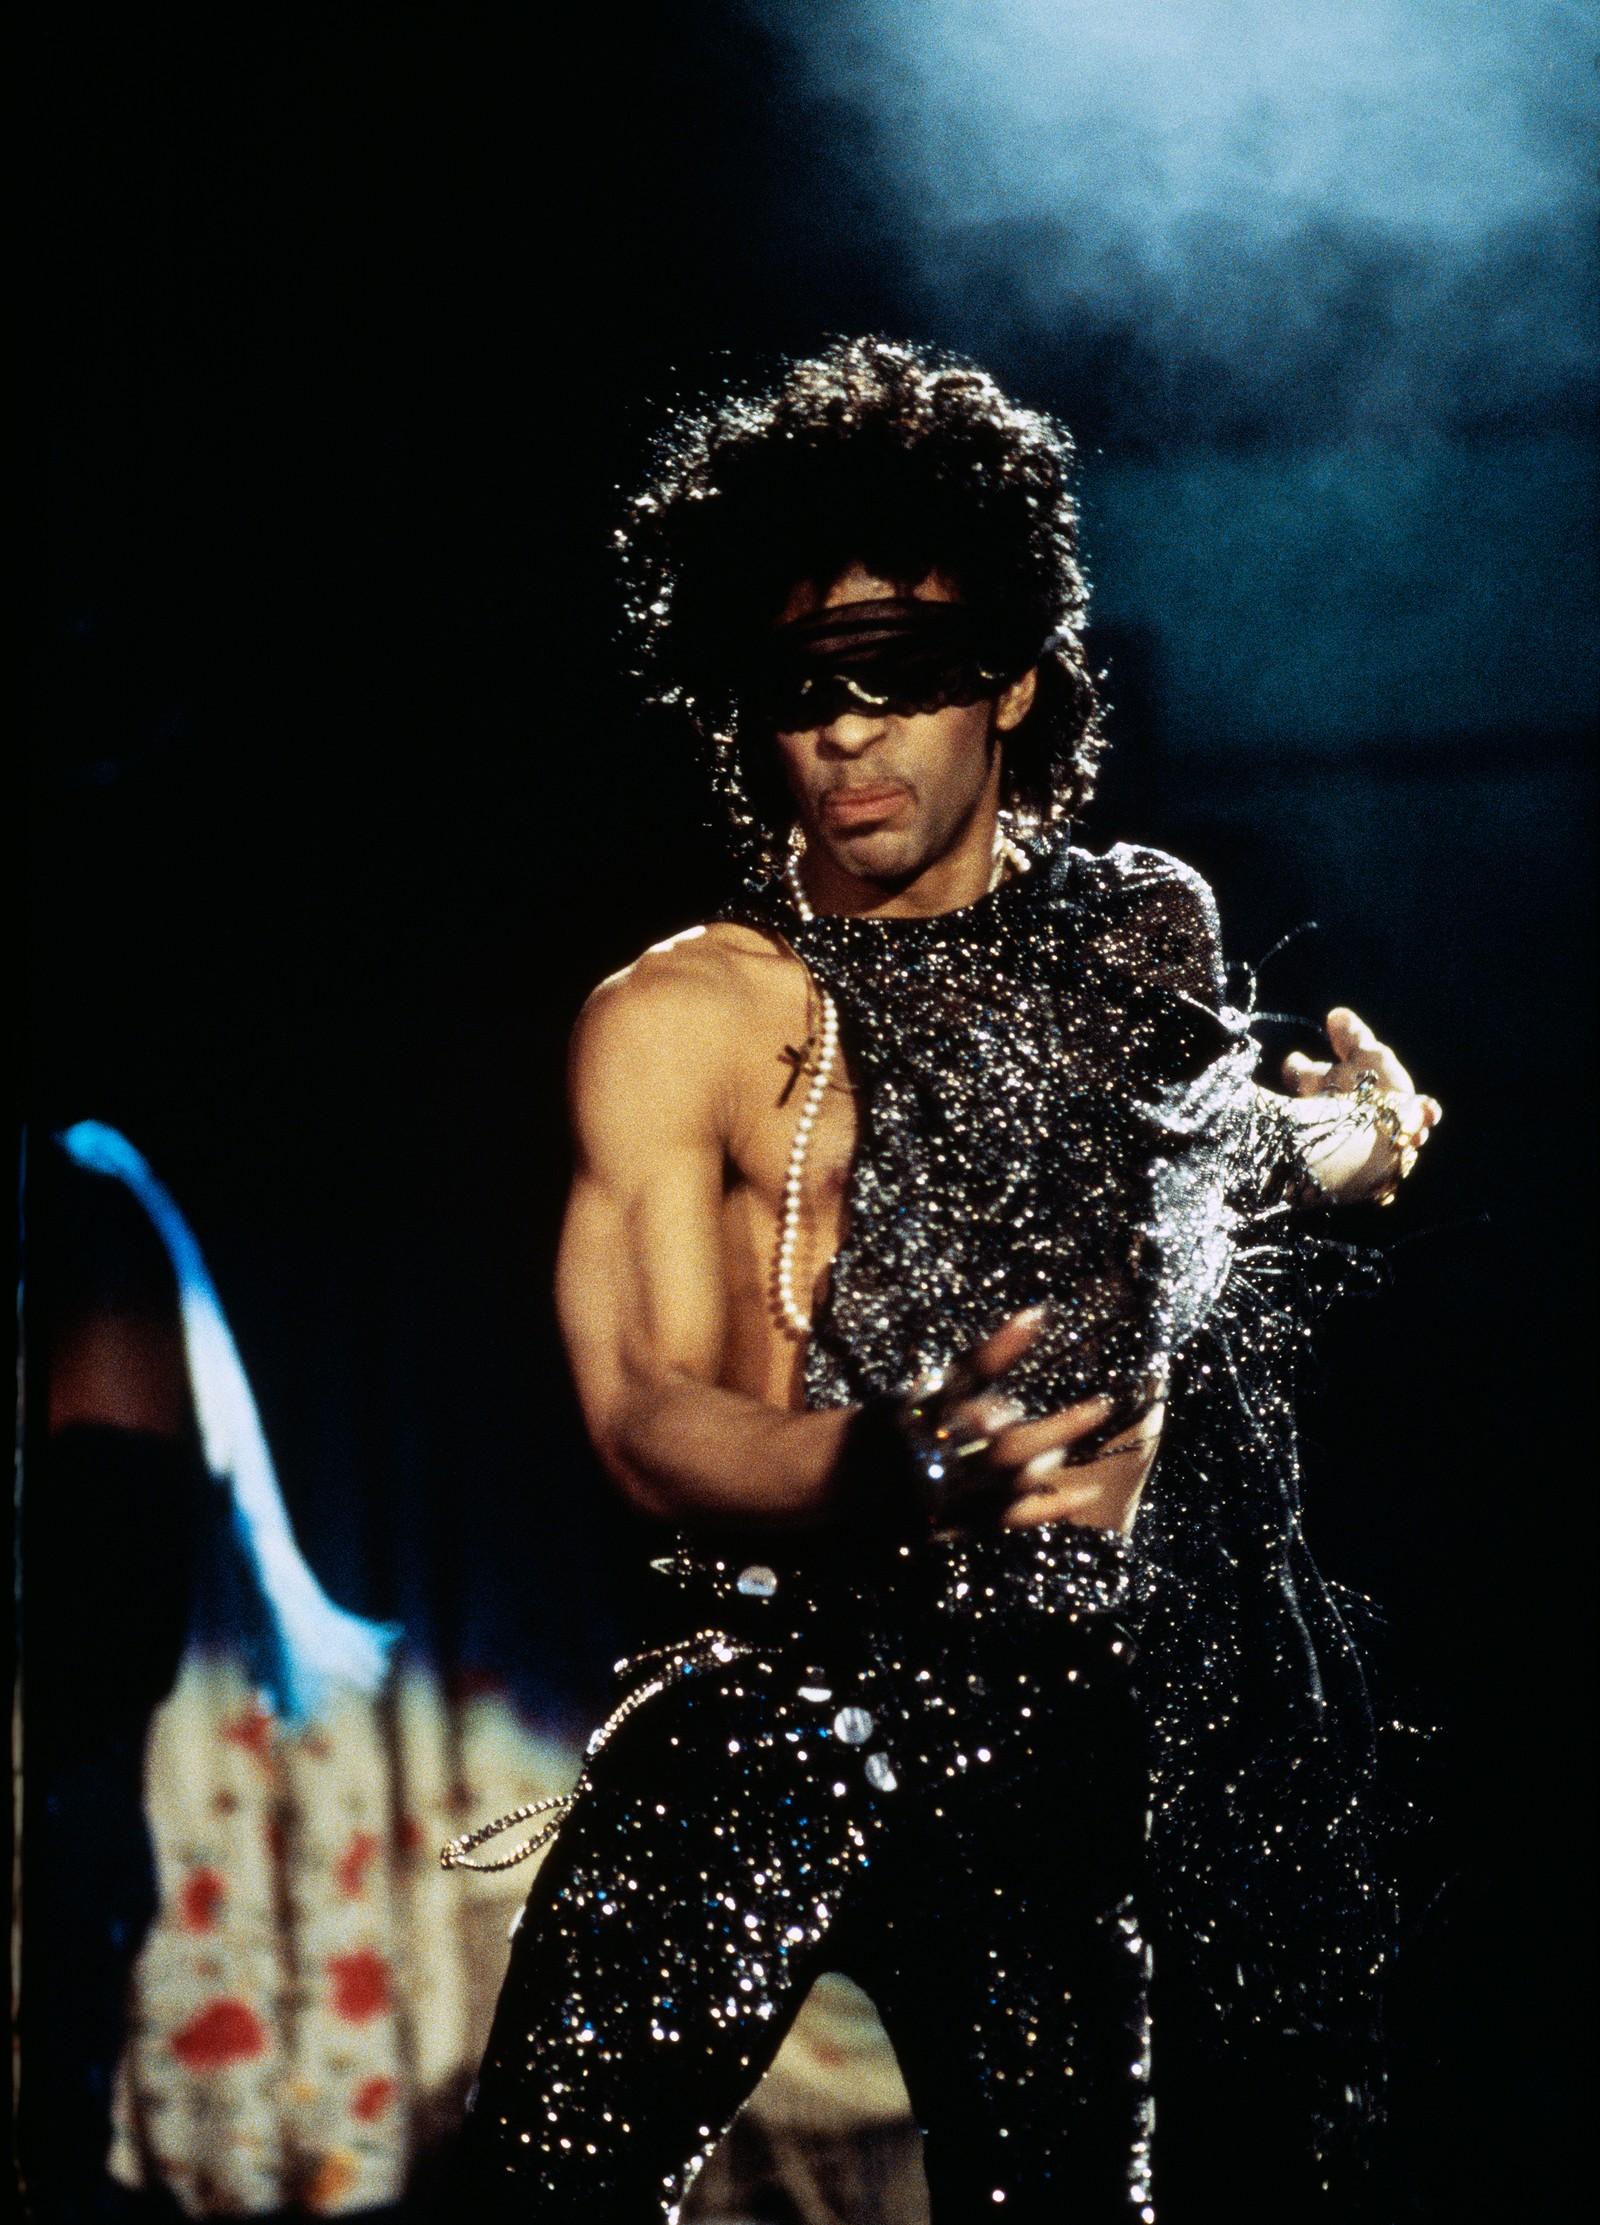 Nancy Bundt måtte gjennom en liten test før hun fikk jobben som turné-fotograf. Hun ble invitert til å ta bilder hjemme hos Prince. Han likte bildene og hun fikk jobben. - Den gangen i huset hans var omtrent den eneste gangen vi fikk snakket om hva slags uttrykk han ville ha i bildene. Og Prince visste nøyaktig hva han ville ha og det gjorde det enkelt for meg.